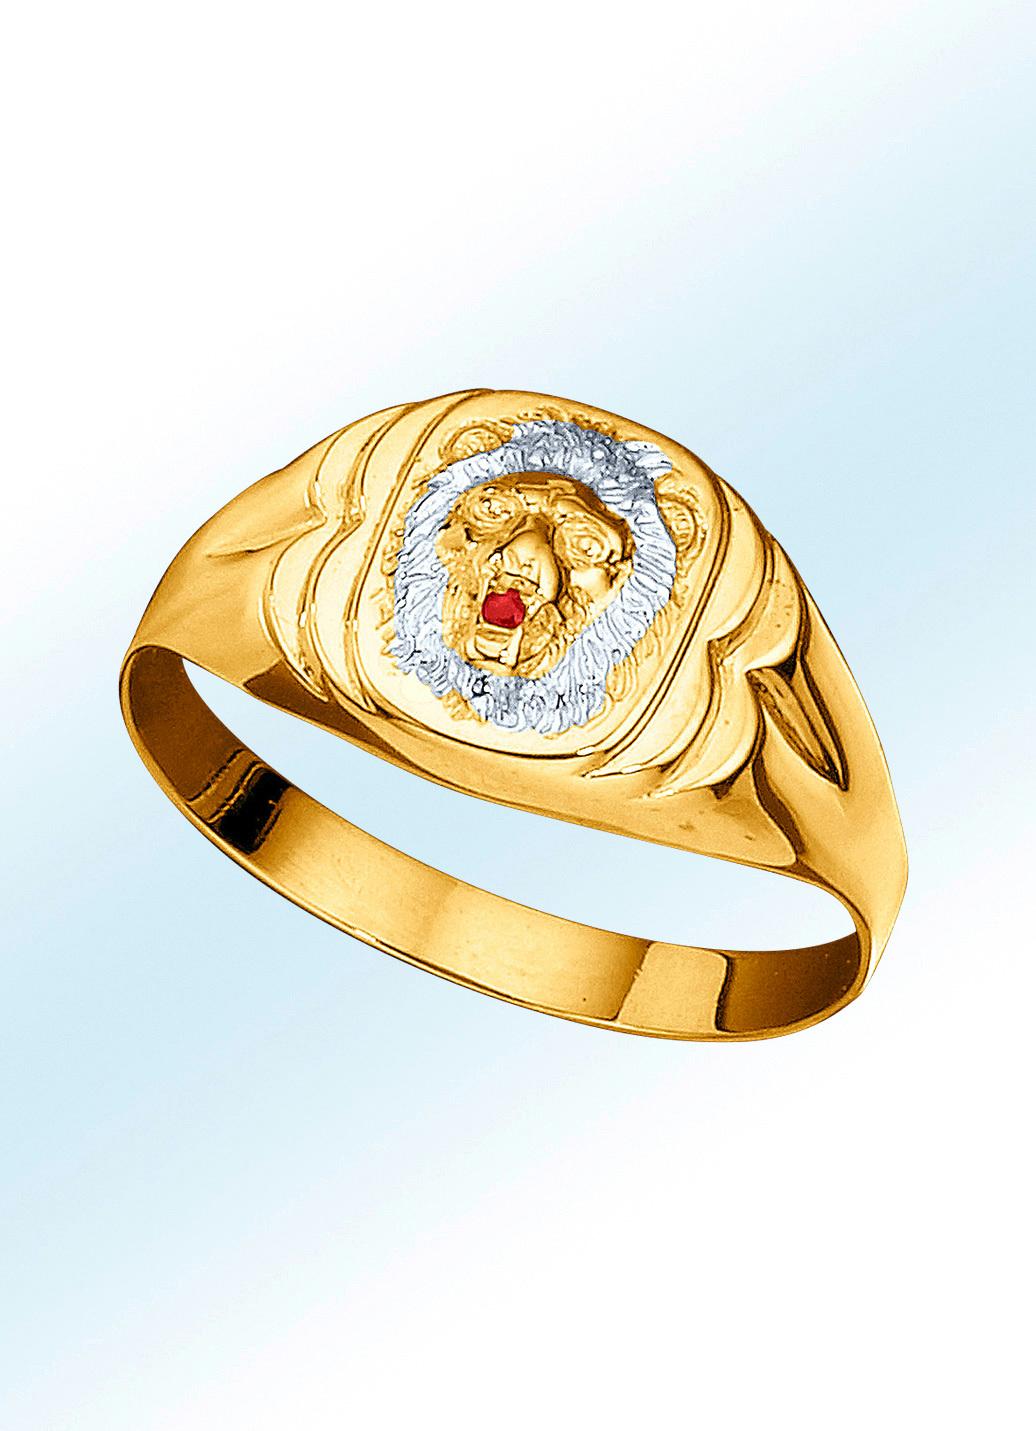 f805e6a618 Herrenring Löwenkopf mit echt Rubin in Gold 333/- fein Größe 19.0 Herren  Preisvergleich